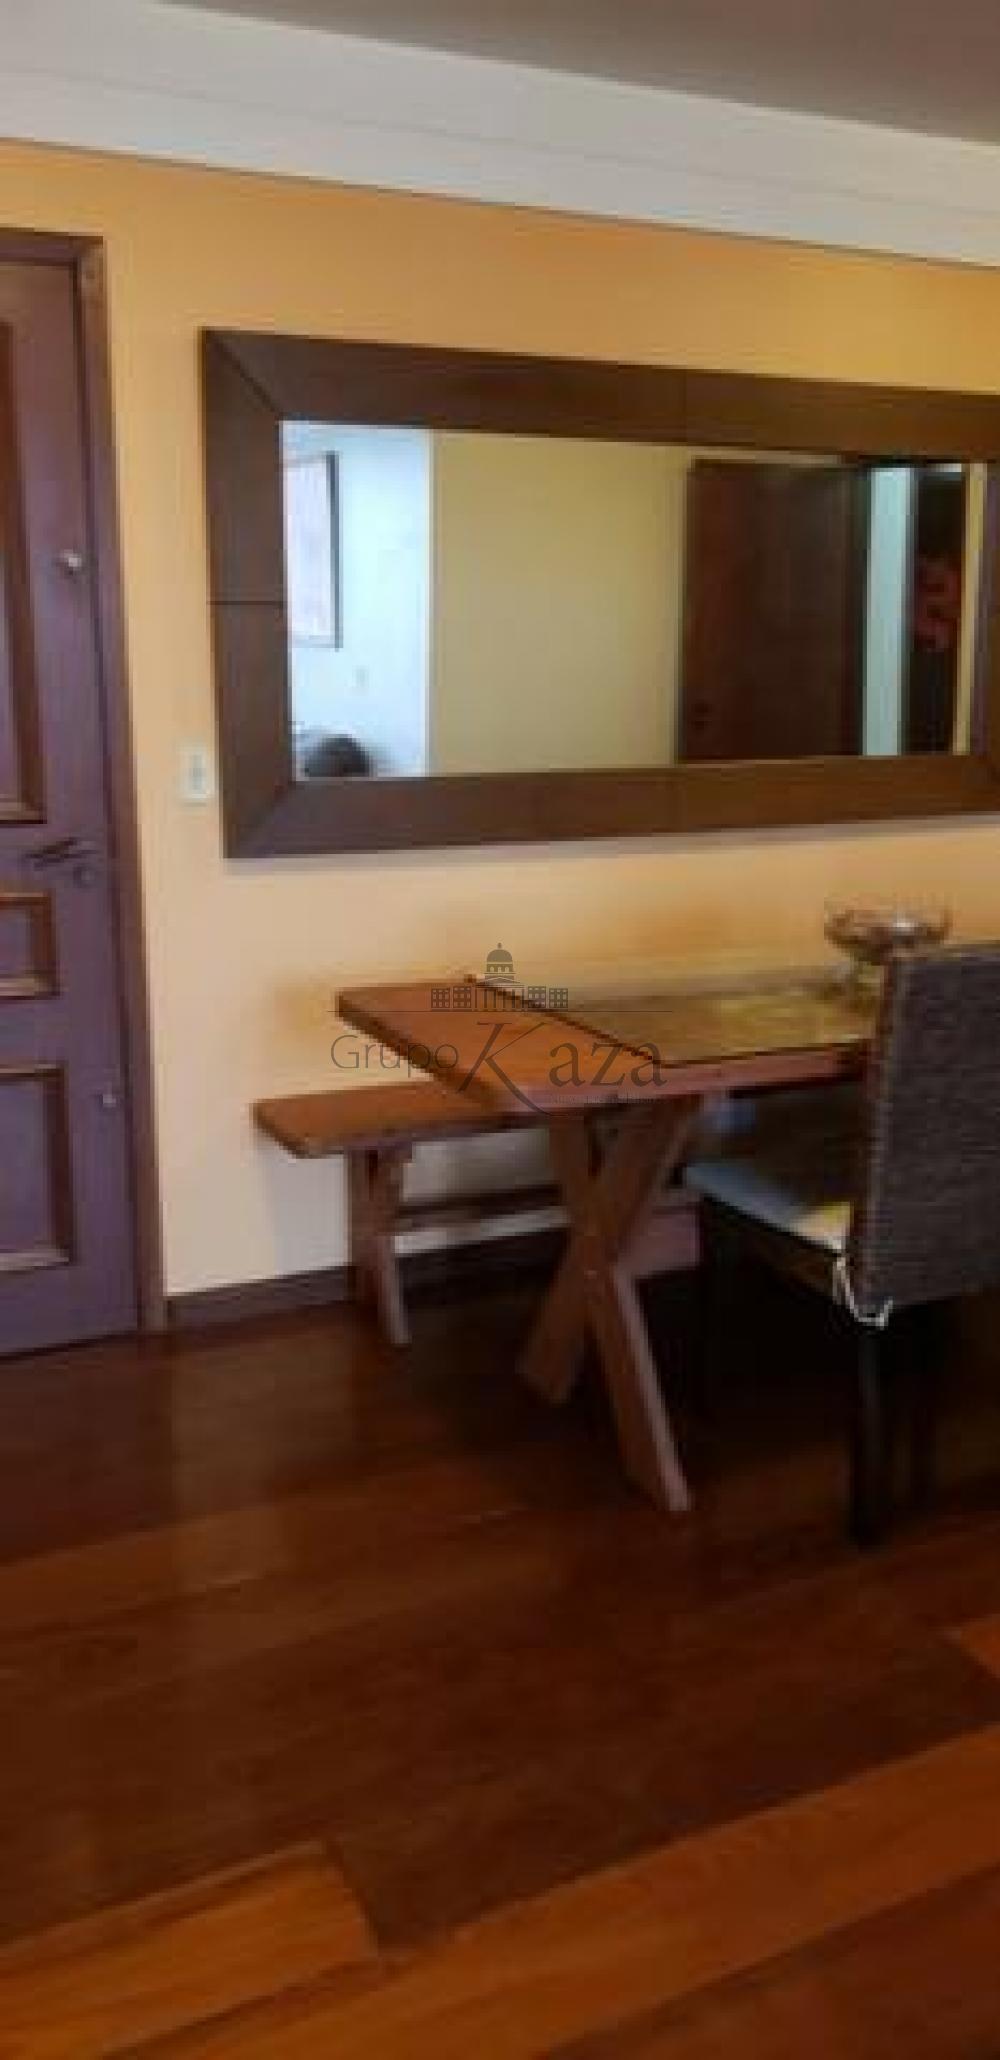 alt='Comprar Apartamento / Padrão em São José dos Campos R$ 530.000,00 - Foto 8' title='Comprar Apartamento / Padrão em São José dos Campos R$ 530.000,00 - Foto 8'